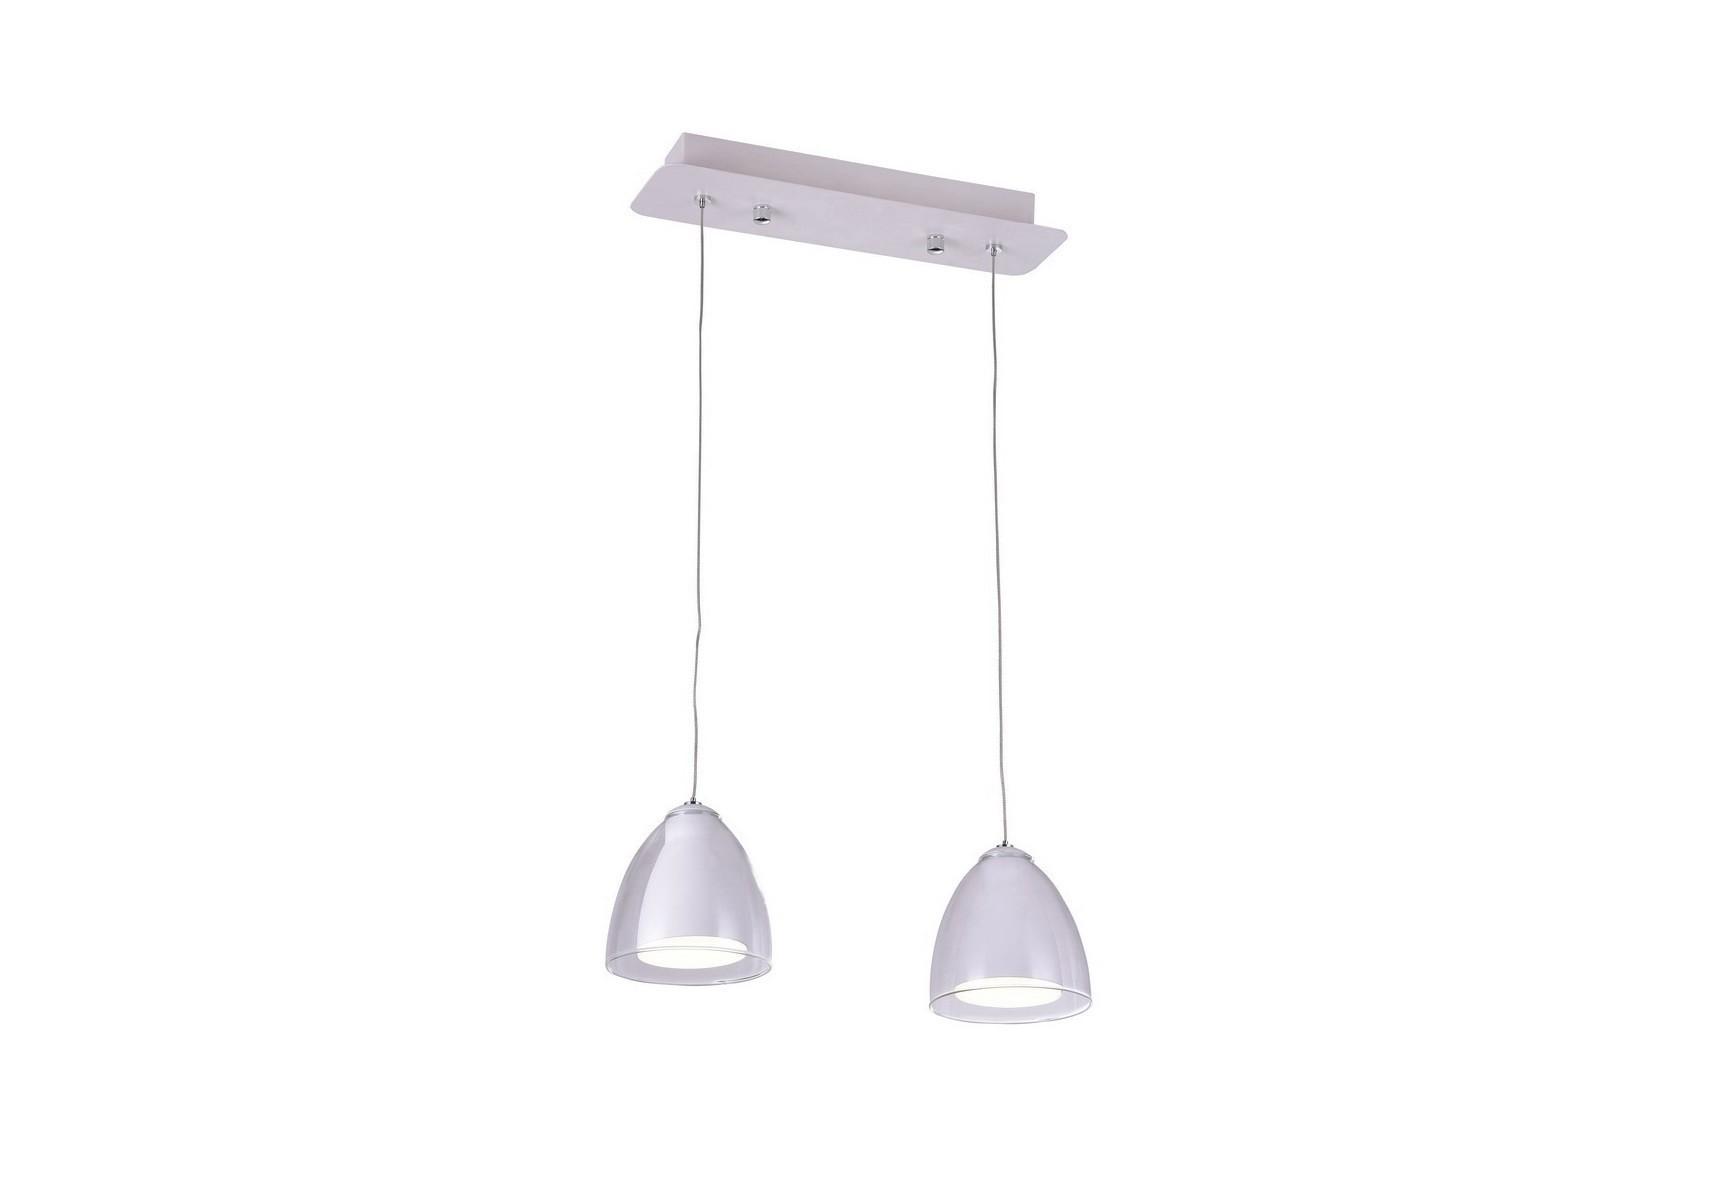 Светильник подвесной MirellaПодвесные светильники<br>Светодиодный подвесной светильник в стиле Хай-Тек. Светильник со встроенной светодиодной матрицей общей мощностью 6W (Эквивалент лампы накаливания 45 W). Цветовая температура 4000-4200К. <br>Высоту подвеса светильника можно регулировать от 20см до 100см.<br>Светильник поставляется в собранном виде и имеет в комплекте все необходимые для монтажа крепежные элементы.&amp;lt;div&amp;gt;&amp;lt;br&amp;gt;&amp;lt;/div&amp;gt;&amp;lt;div&amp;gt;&amp;lt;div&amp;gt;Цоколь: LED&amp;lt;/div&amp;gt;&amp;lt;div&amp;gt;Мощность лампы: 6W&amp;lt;/div&amp;gt;&amp;lt;div&amp;gt;Количество ламп: 2&amp;lt;/div&amp;gt;&amp;lt;/div&amp;gt;<br><br>Material: Металл<br>Width см: 35<br>Depth см: 10<br>Height см: 100